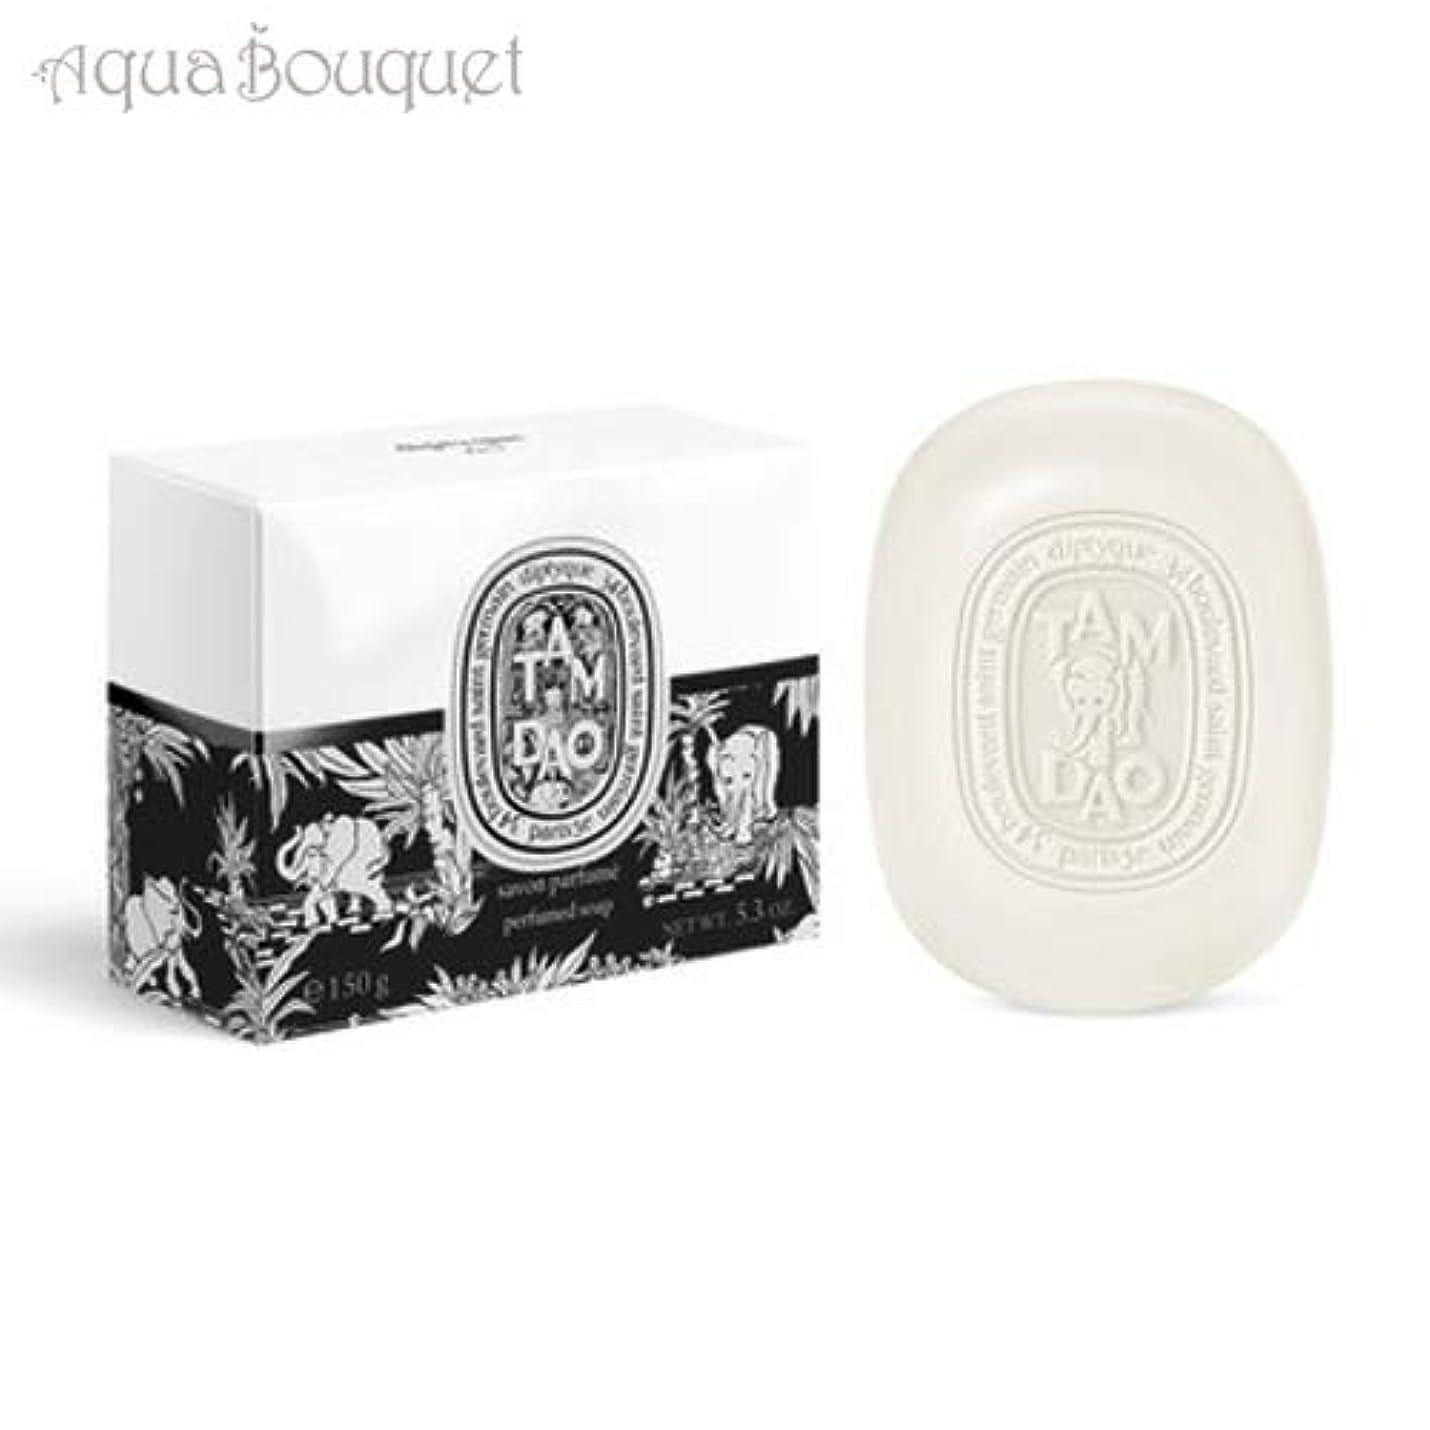 修正散歩太字ディプティック タムダオ ソープ 150g DIPTYQUE TAMDAO PERFUMED SOAP [8289] [並行輸入品]